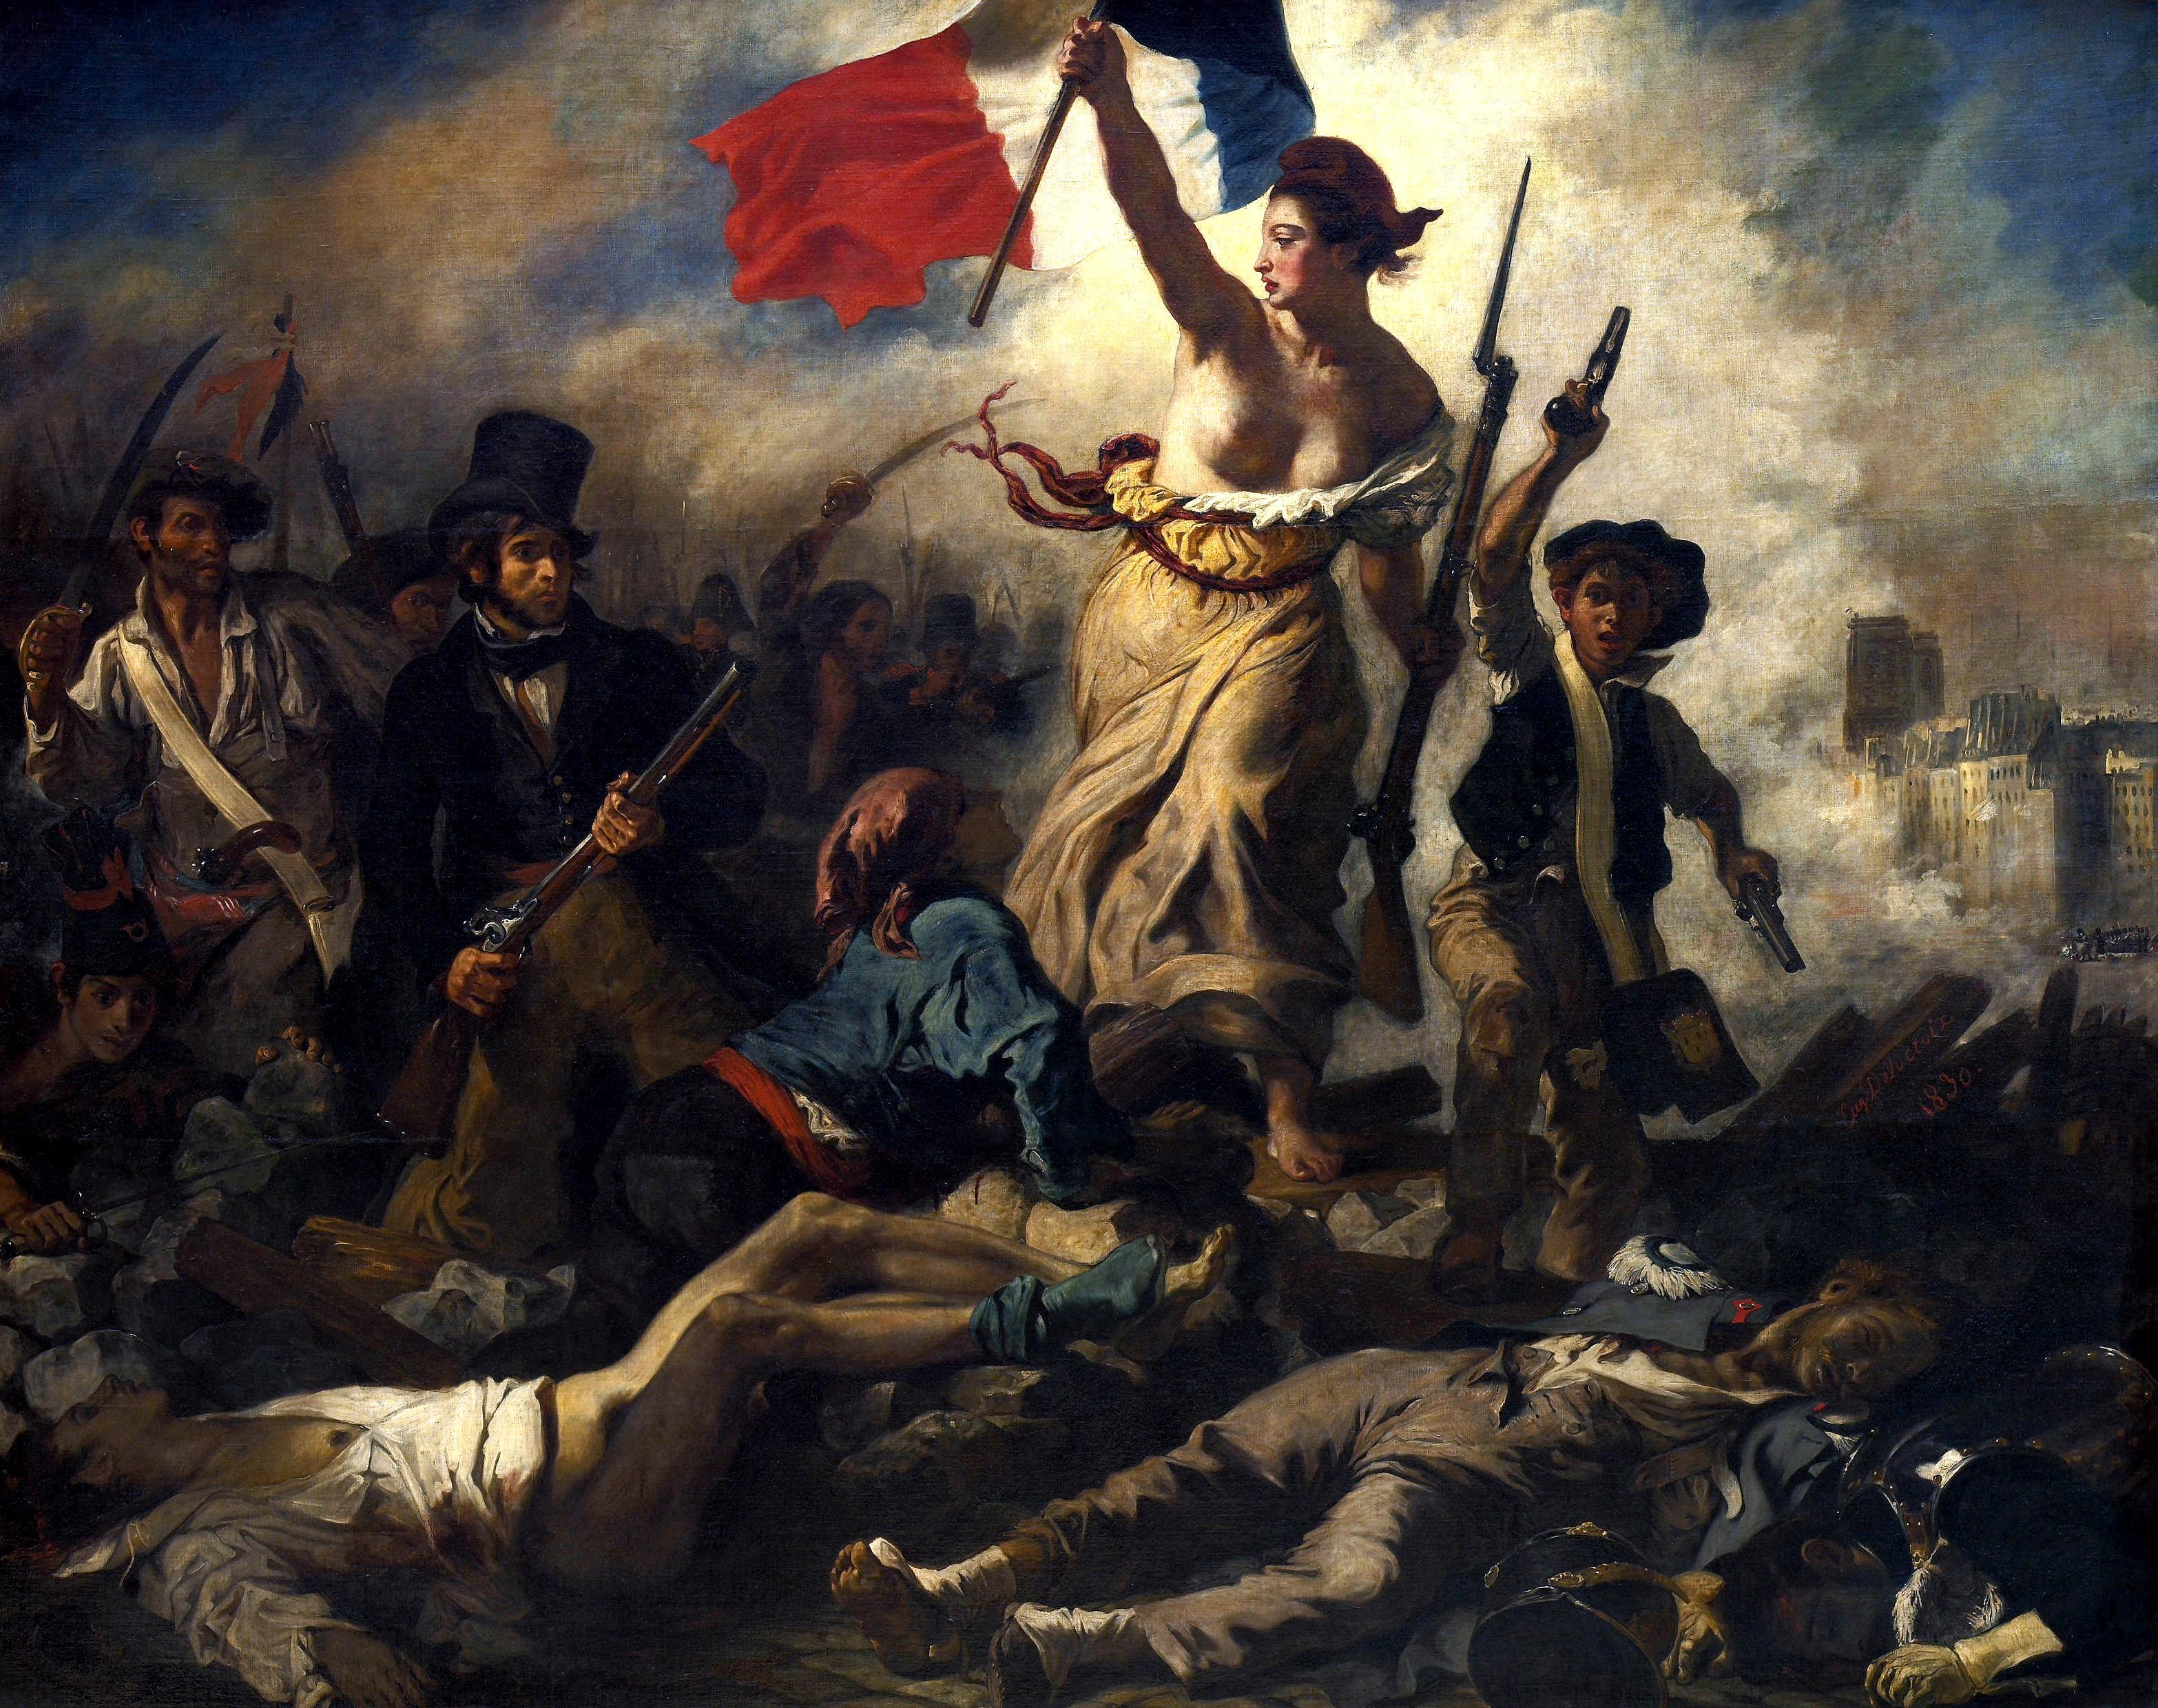 Eugène Delacroix - La liberté guidant le peuple, 1830